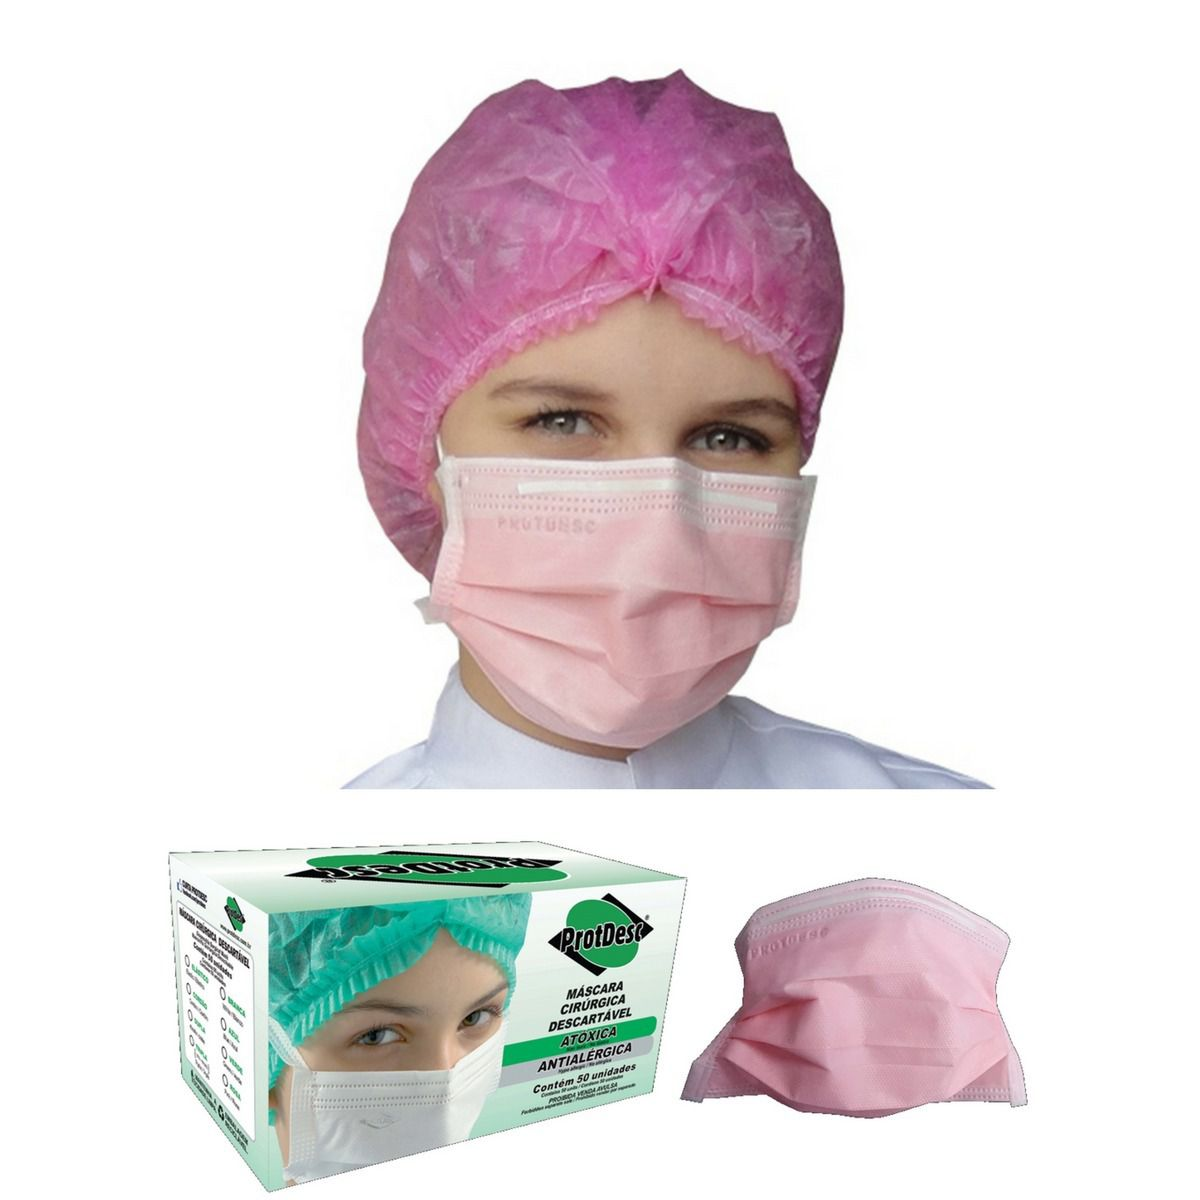 Kit 50un Mascara Tripla Proteção + 100un Touca Descartável ProtDesc - ROSA